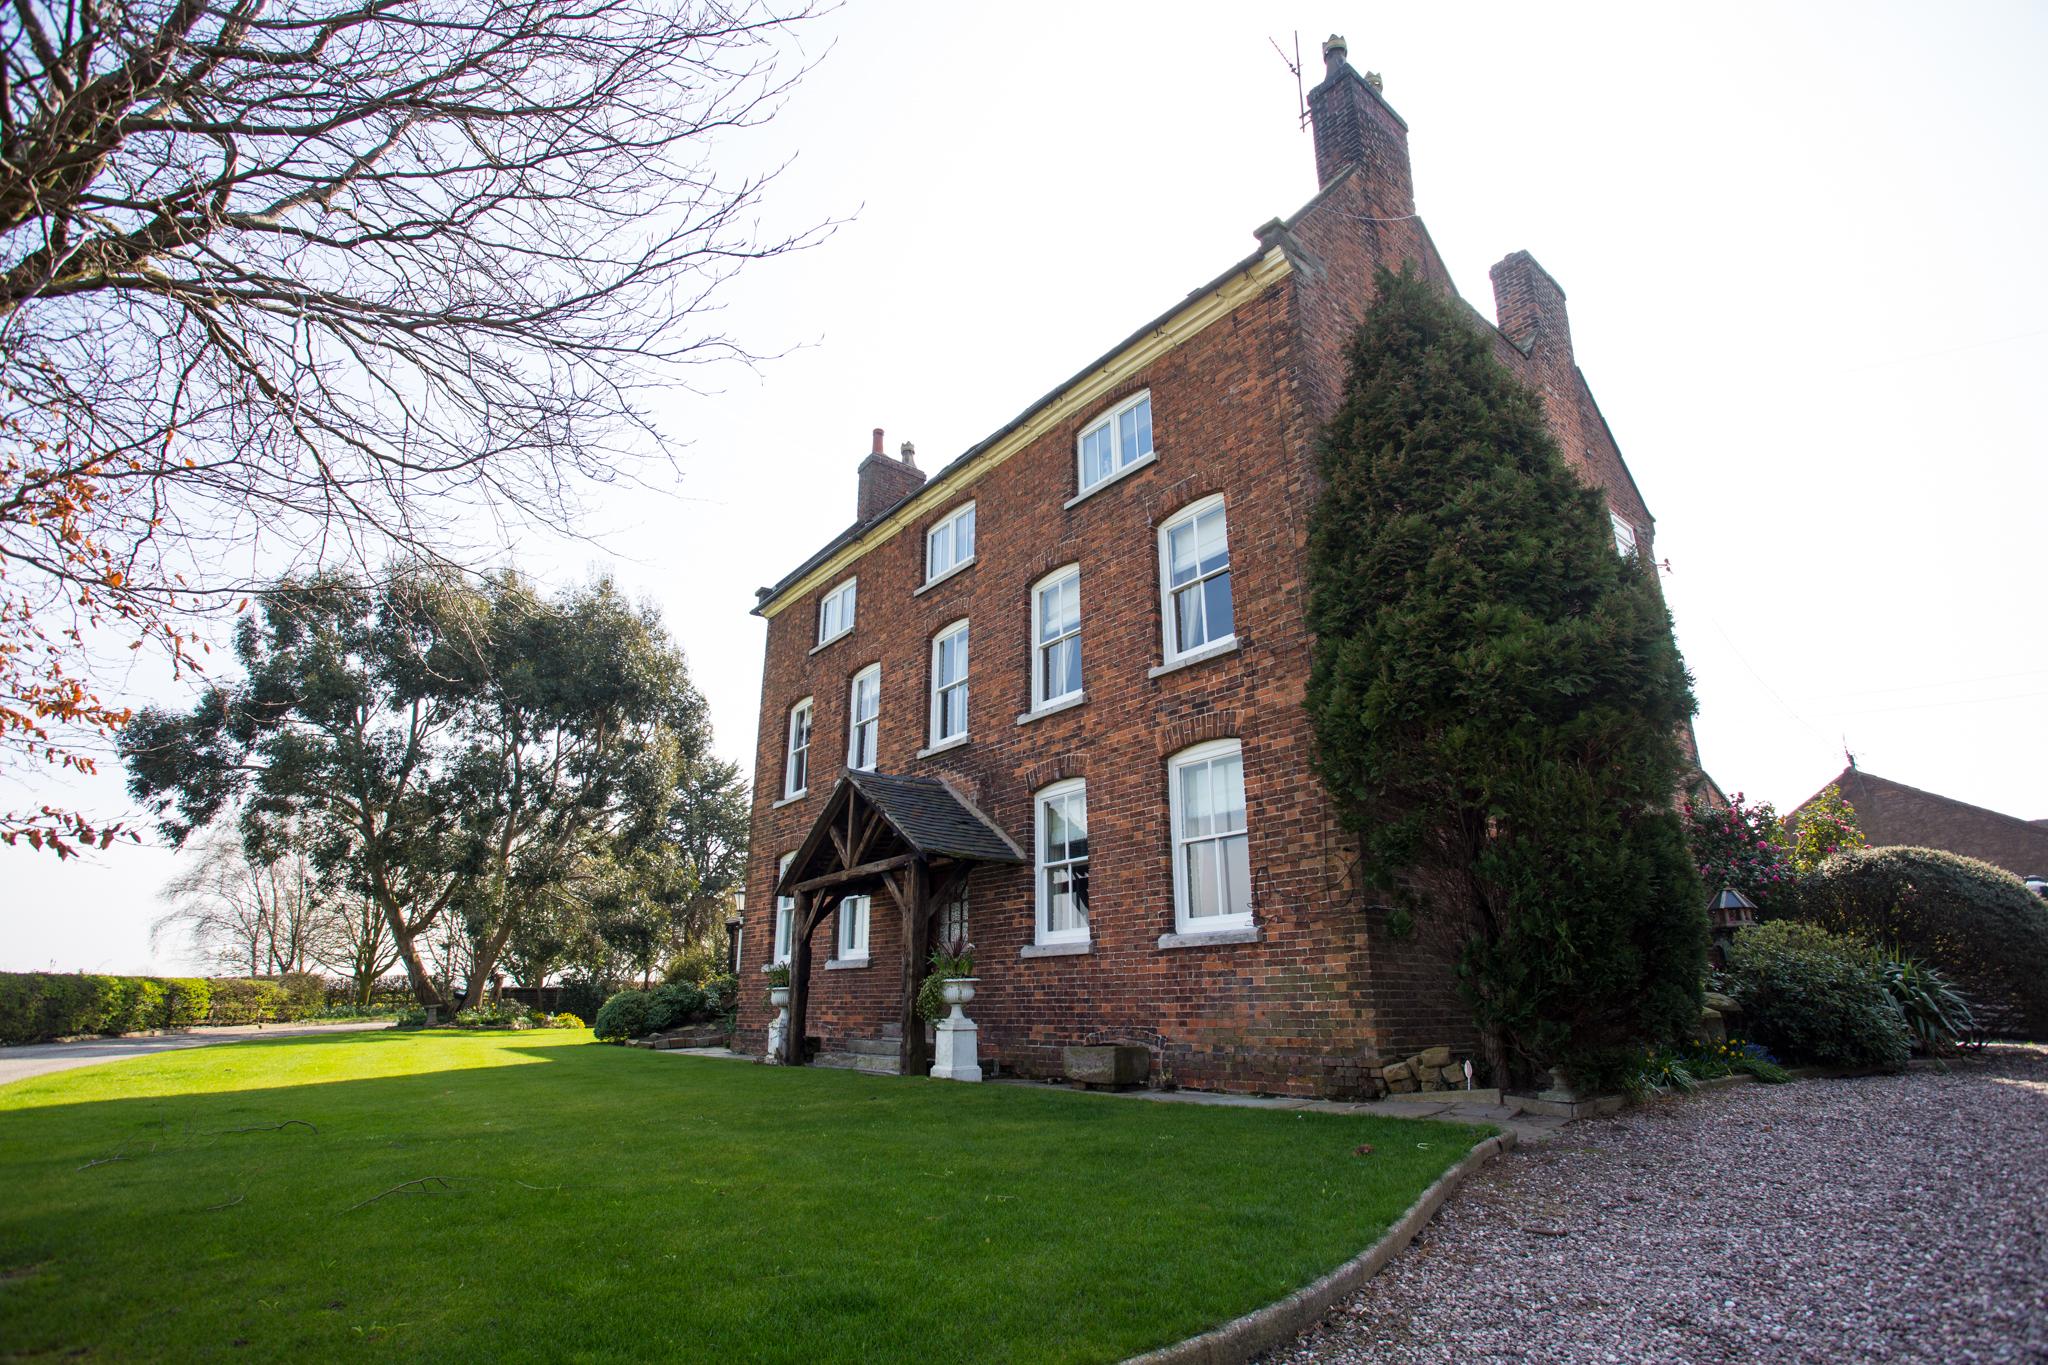 Domvilles Farm Guest House